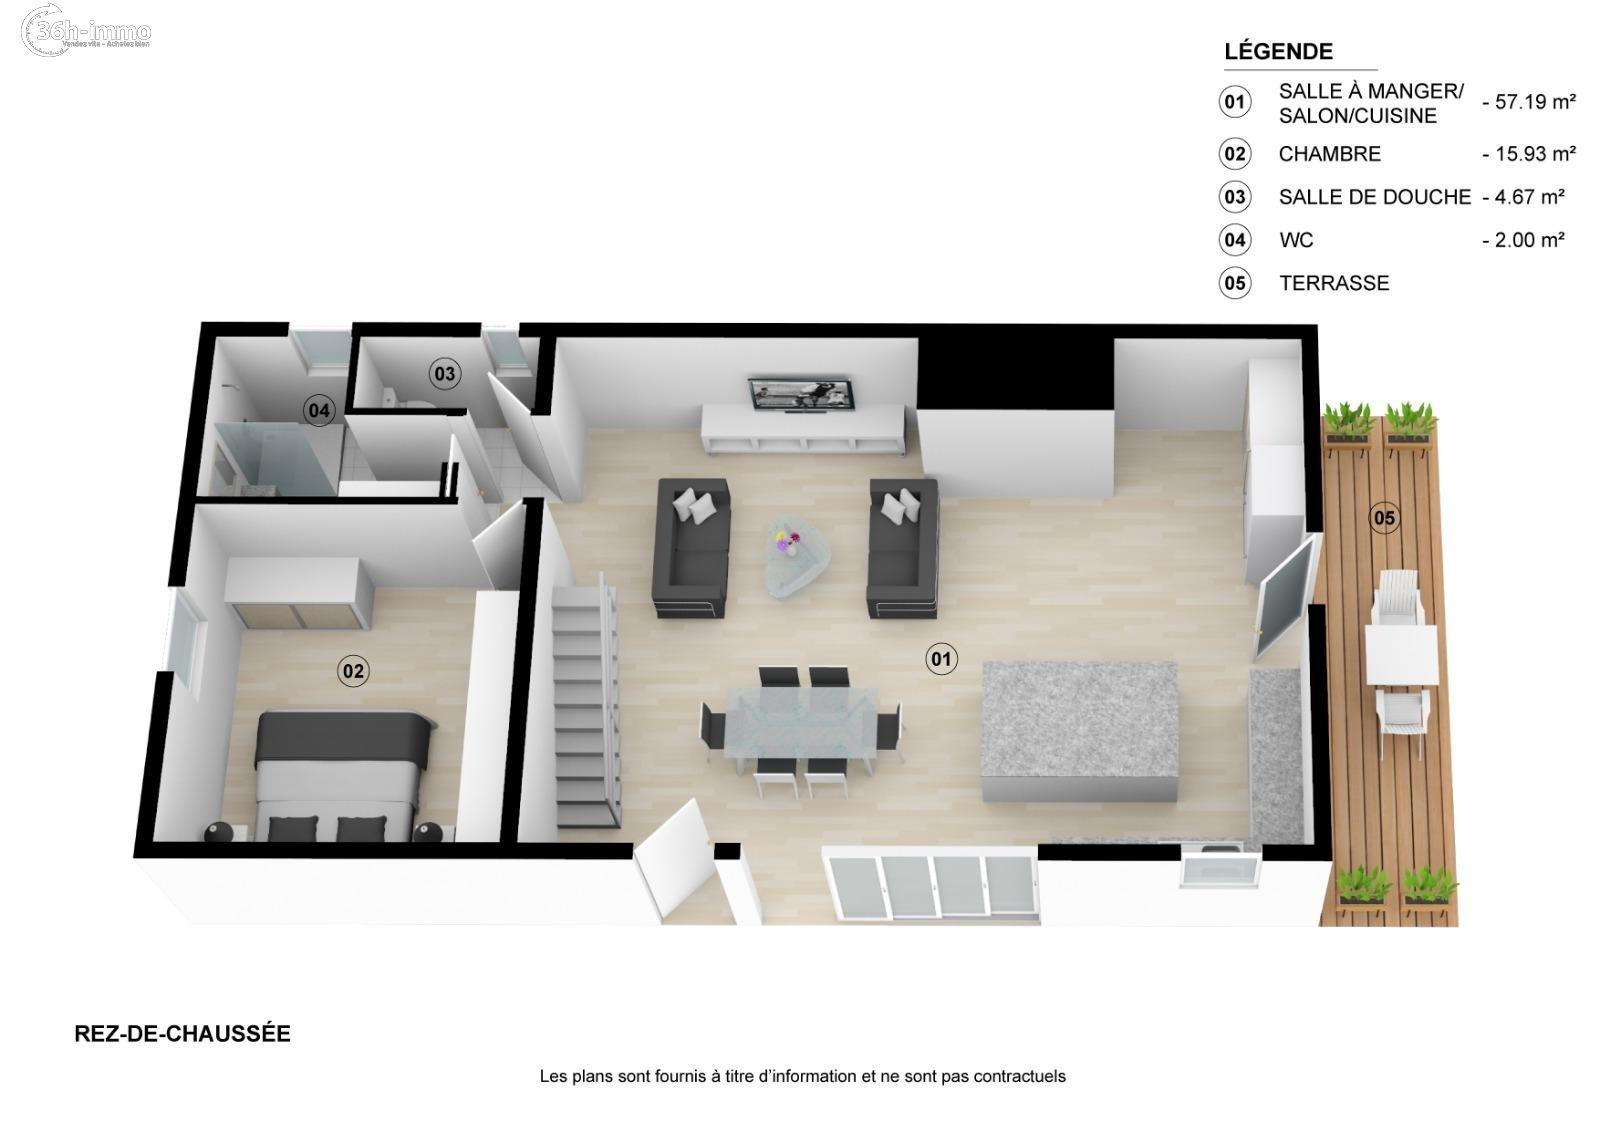 Maison Olivet 45160 Loiret 80 m<sup>2</sup> 2 pi&eagrave;ces 142250 euros